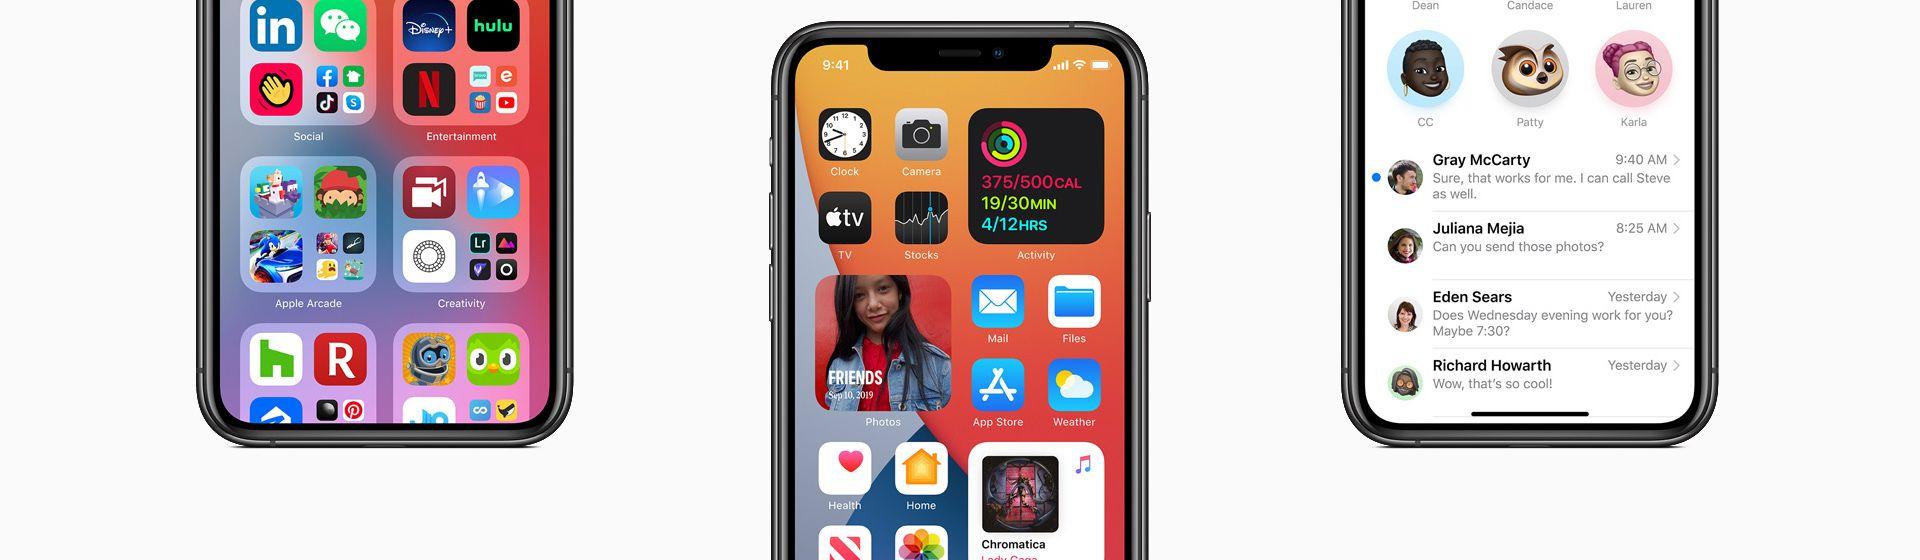 iOS 14: conheça os novos recursos do sistema para iPhones